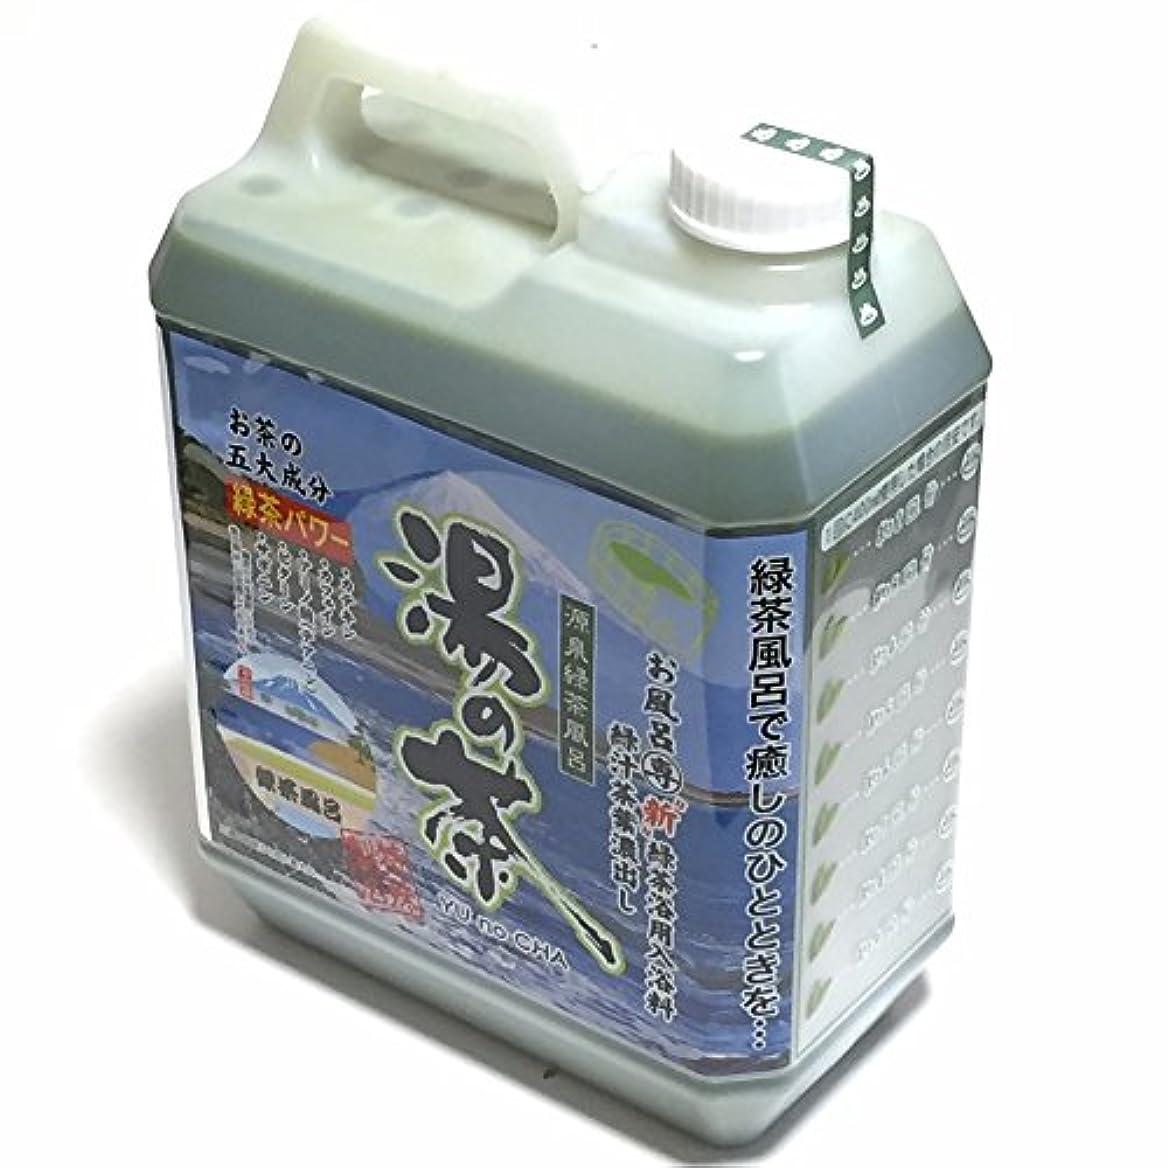 間食事を調理するマラウイ緑茶のお風呂に入ろう??静岡茶葉100% 高濃度カテキン 緑茶入浴化粧品 湯の茶 大容量4リットル